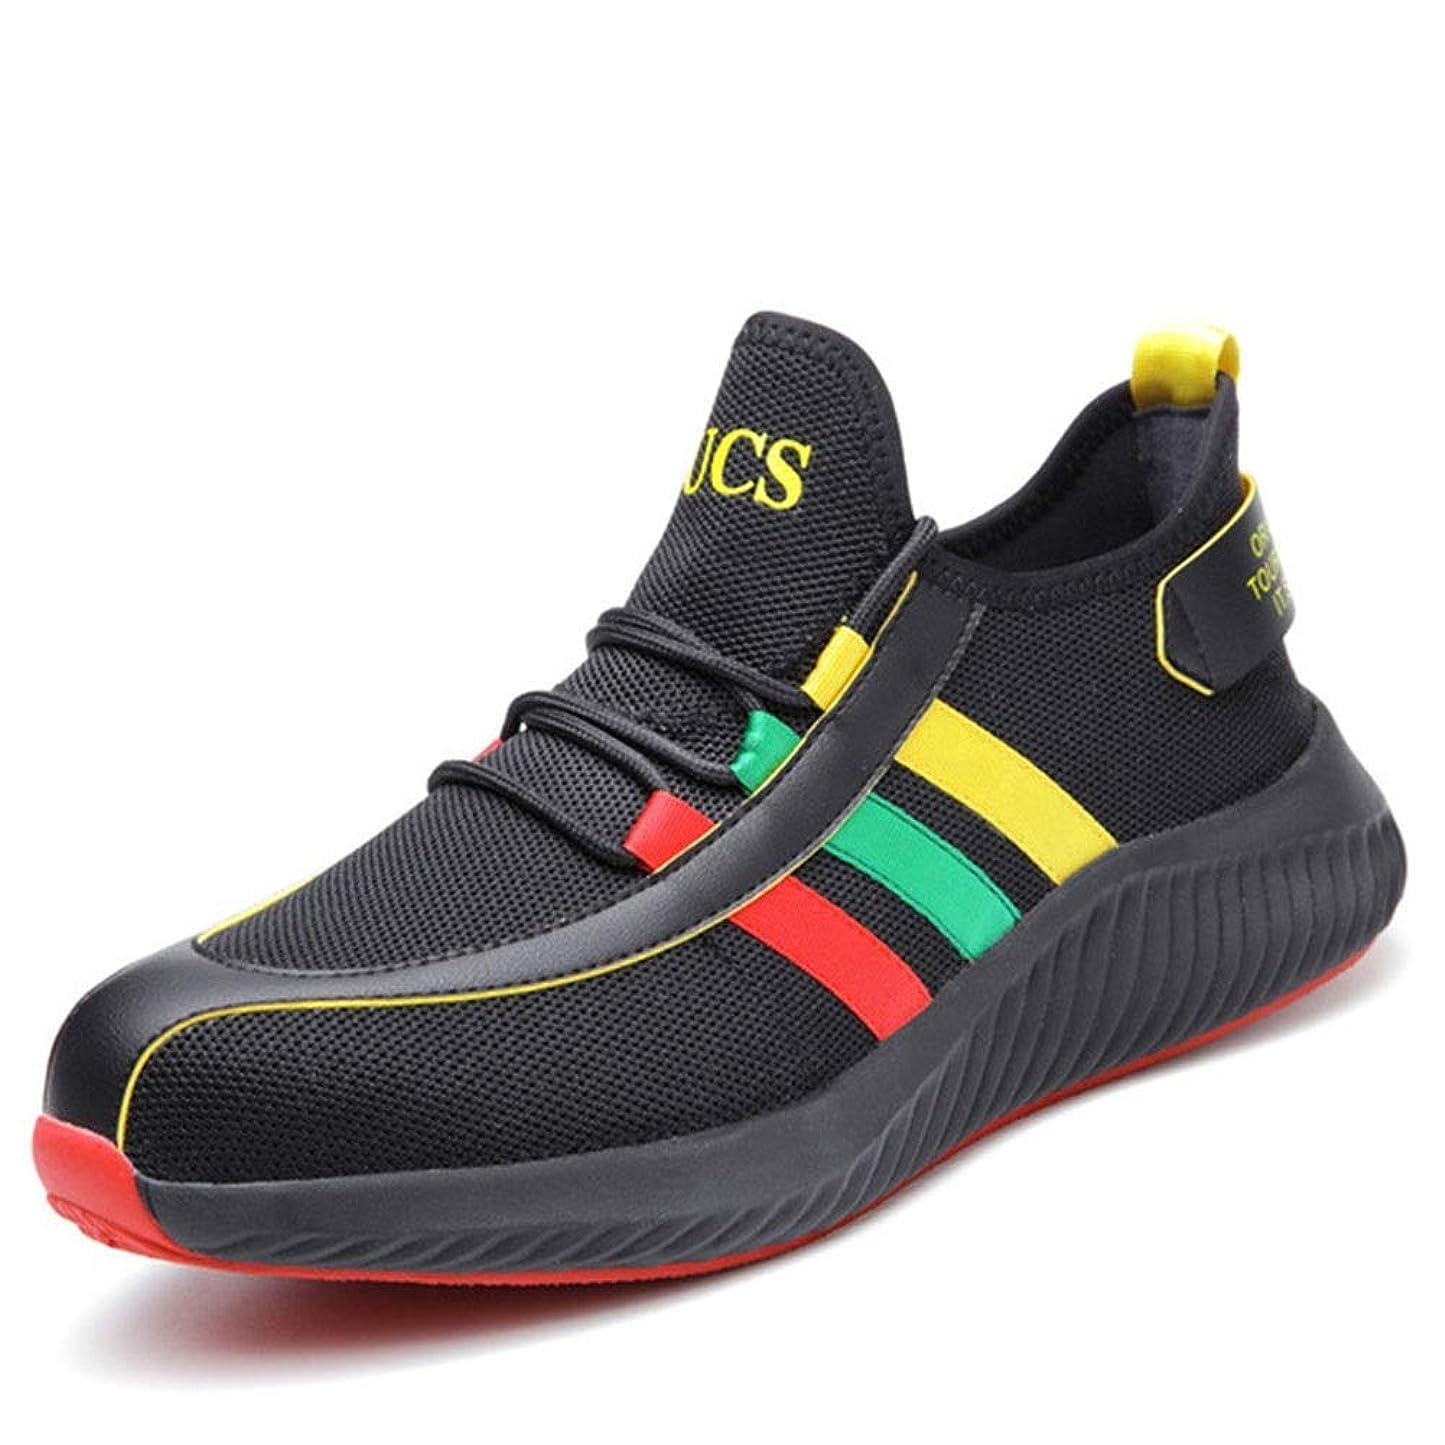 誠実さ雷雨吹きさらし安全 靴 安全 スニ一カ一 作業 靴 作業 おしゃれ あんぜん靴 工事現場 靴 鋼先芯 耐摩耗 防刺 耐滑ソール アウトドア スニーカー ワーク シューズ セーフティーシューズ (Color : Black, Size : 36)